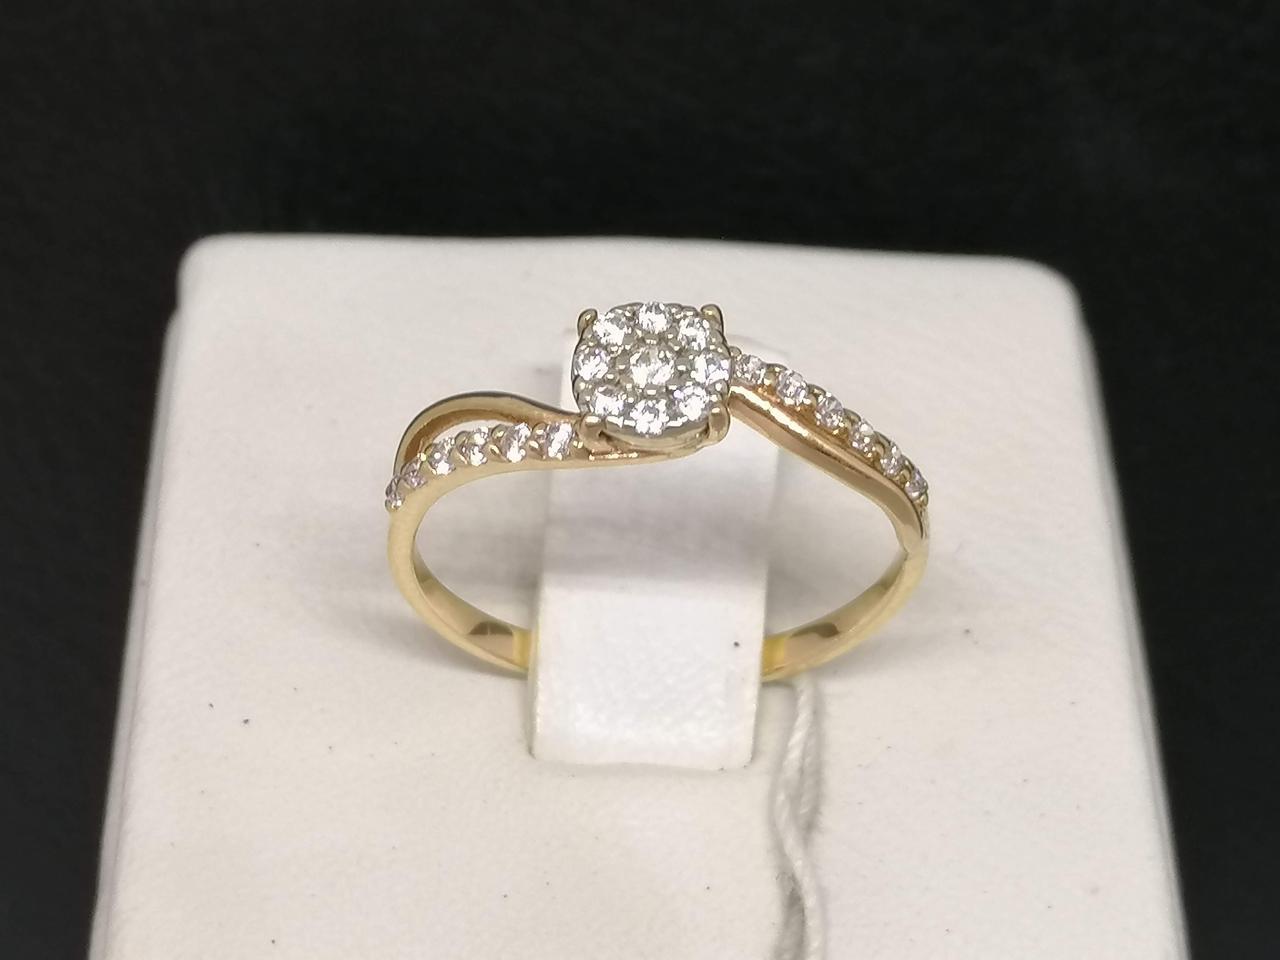 Золотое кольцо с фианитами. Артикул 3523356 17